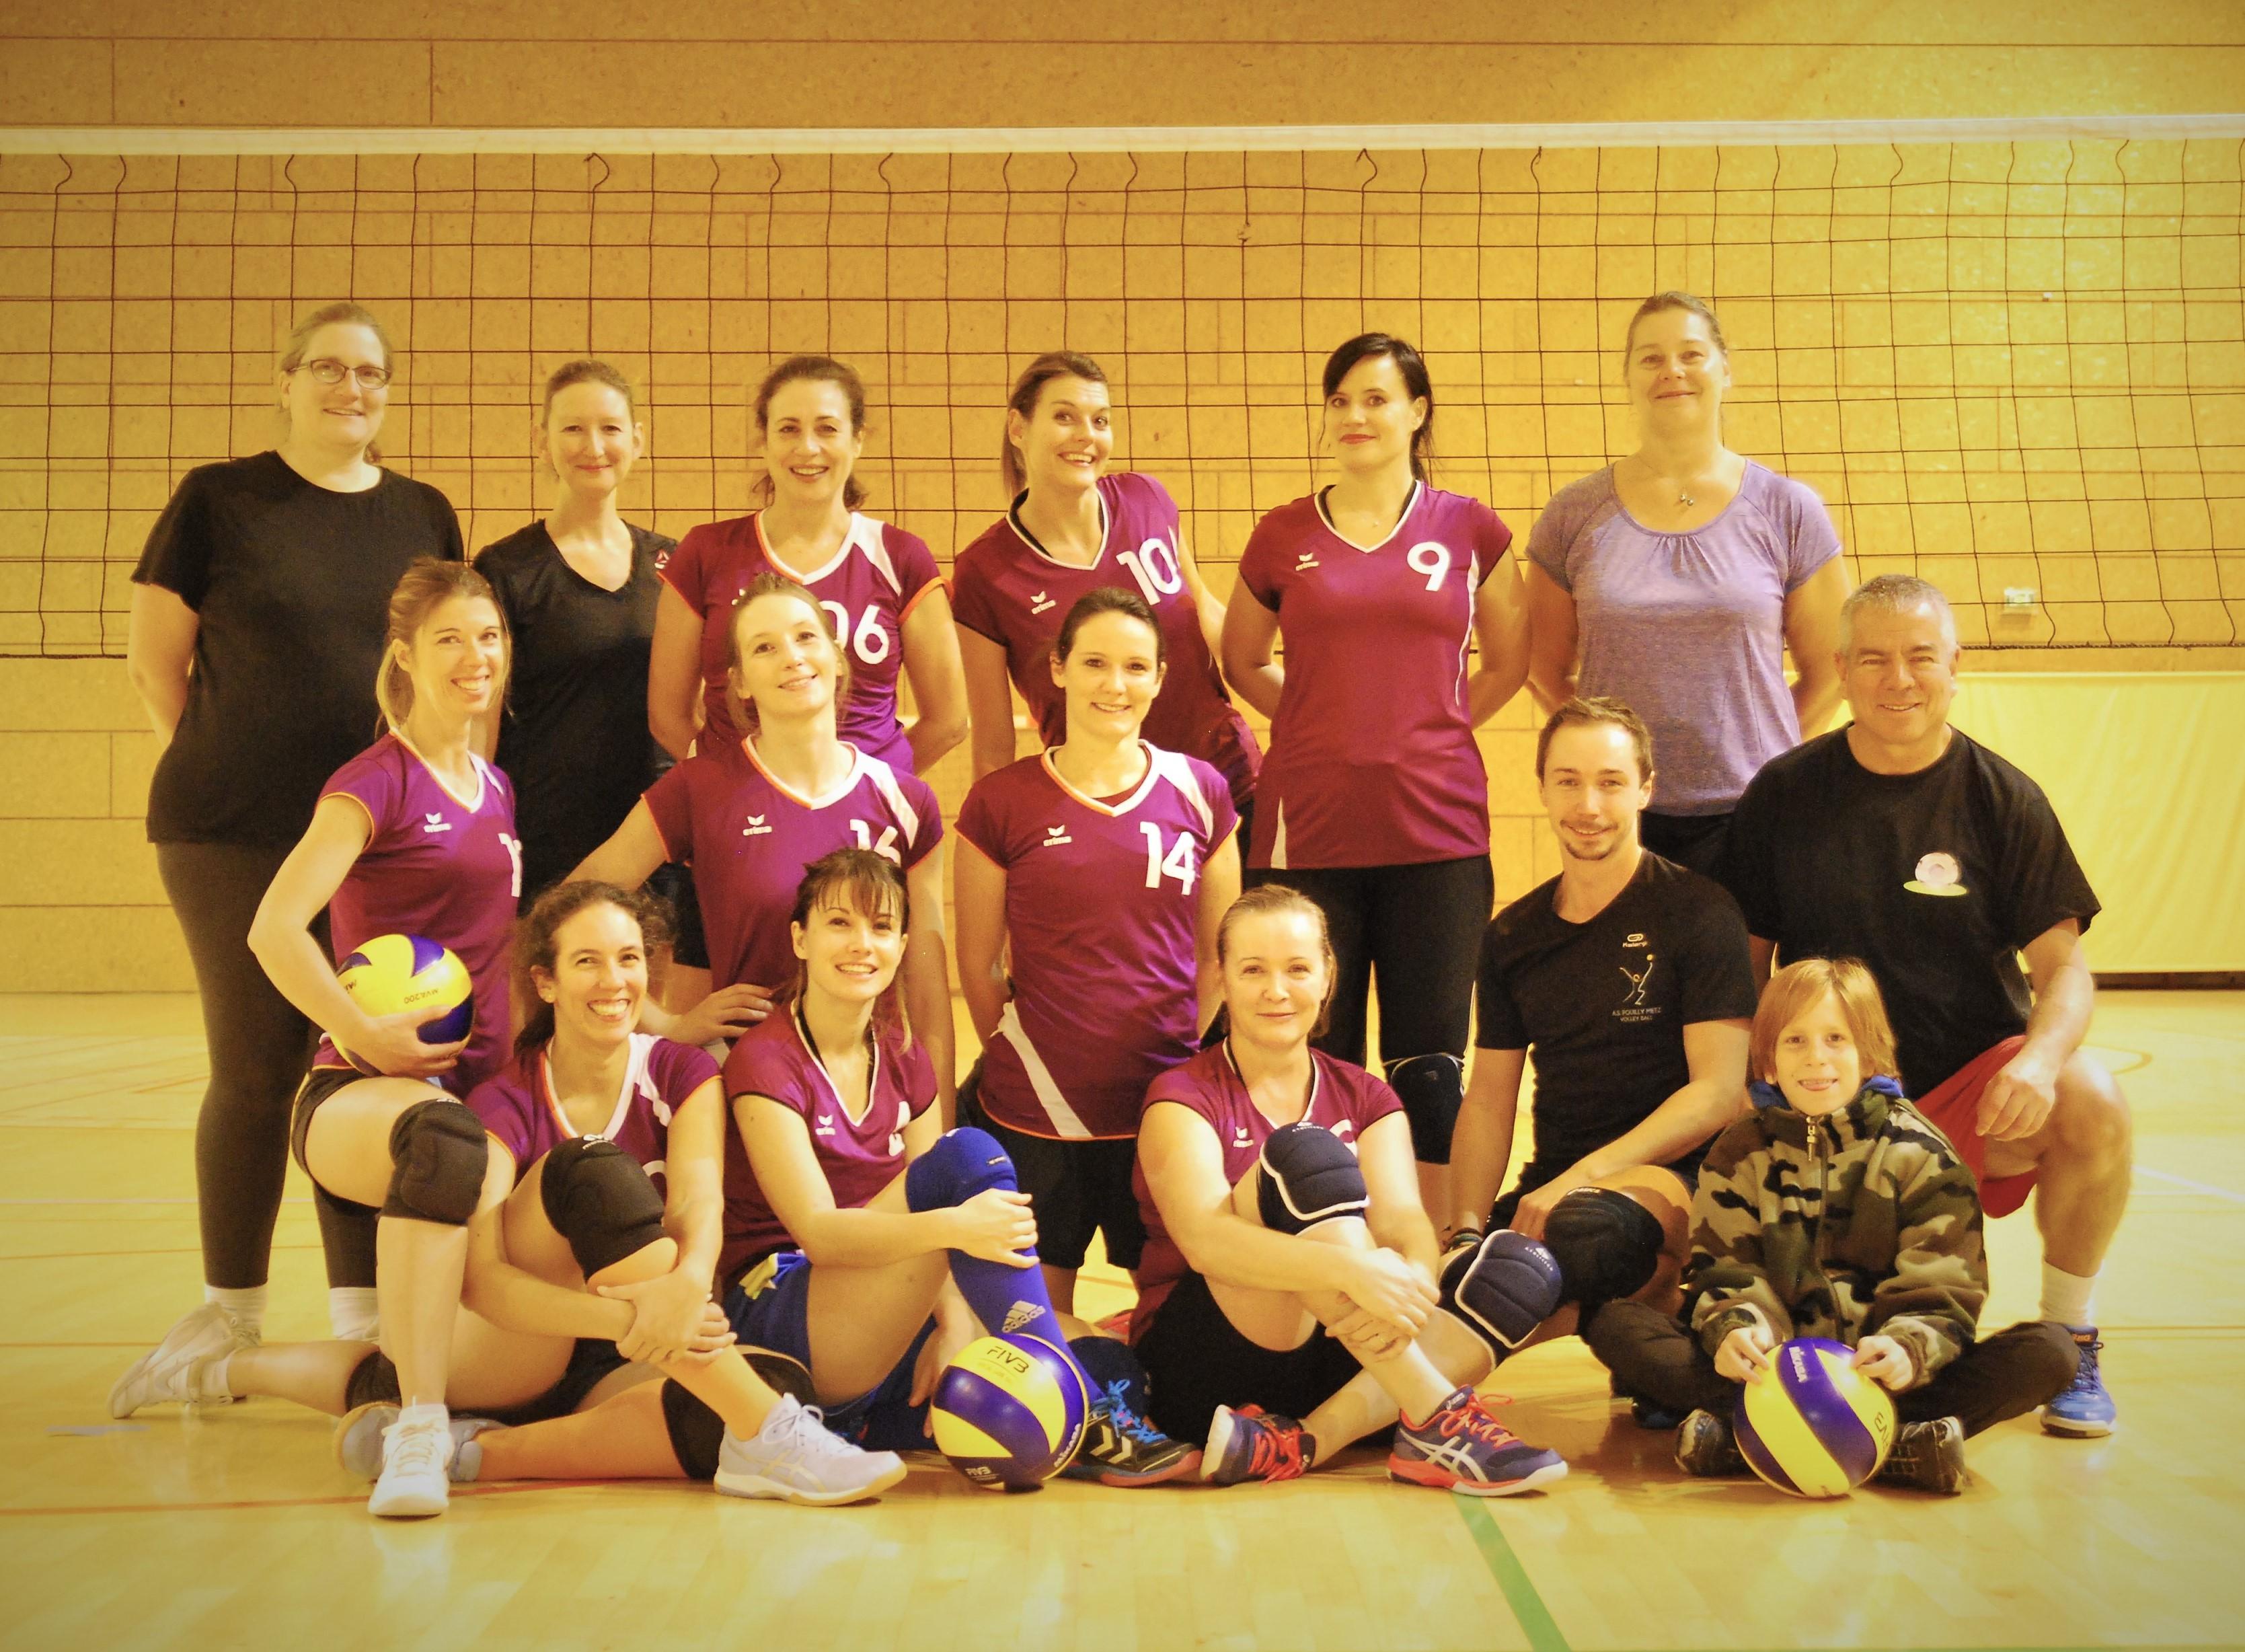 Equipe Divonne Volleyball Club 2020